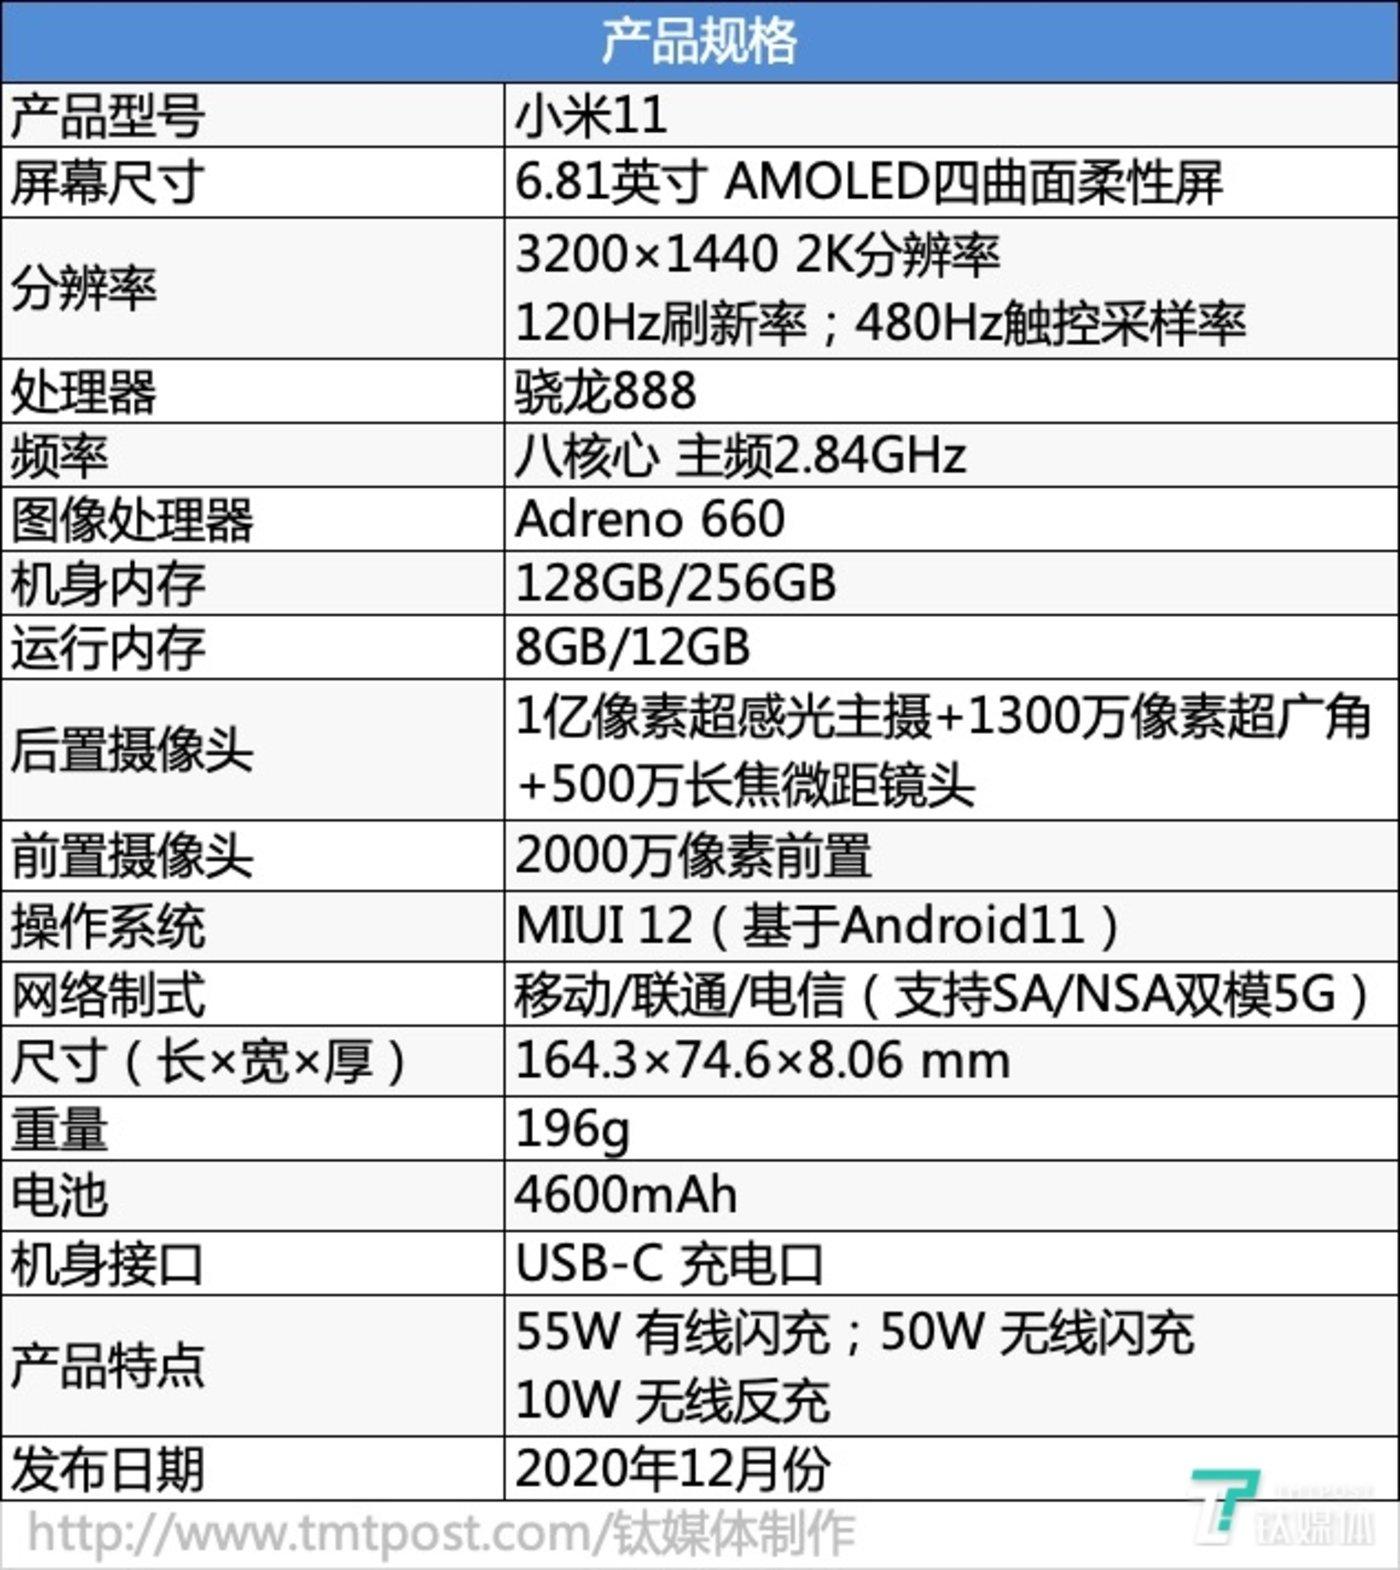 小米11硬件参数一览